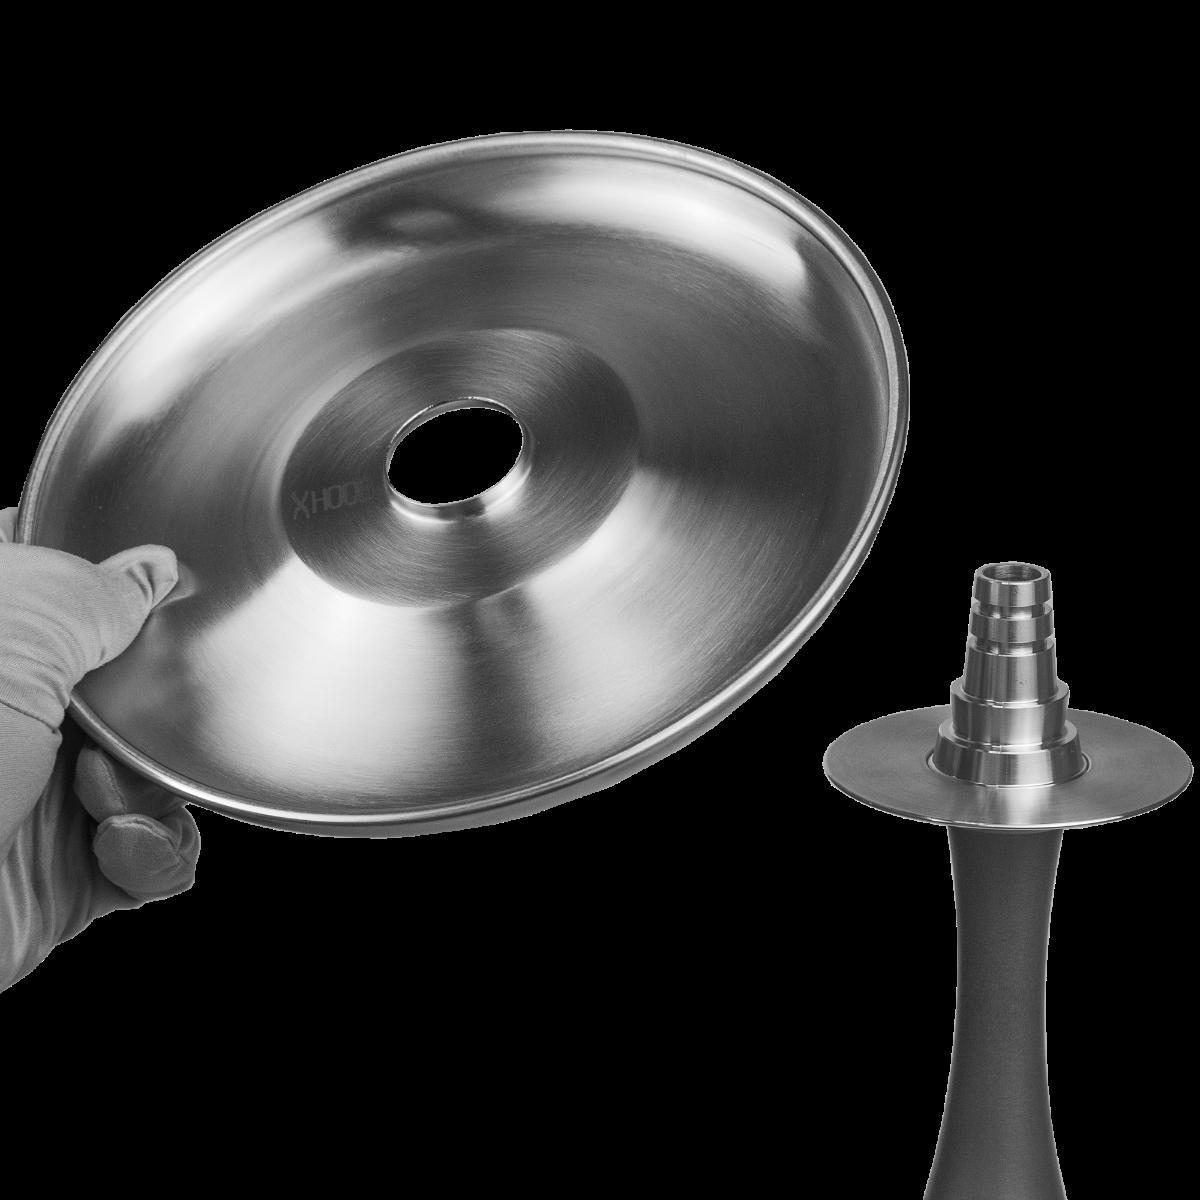 Съёмное Блюдце   Нержавеющая сталь